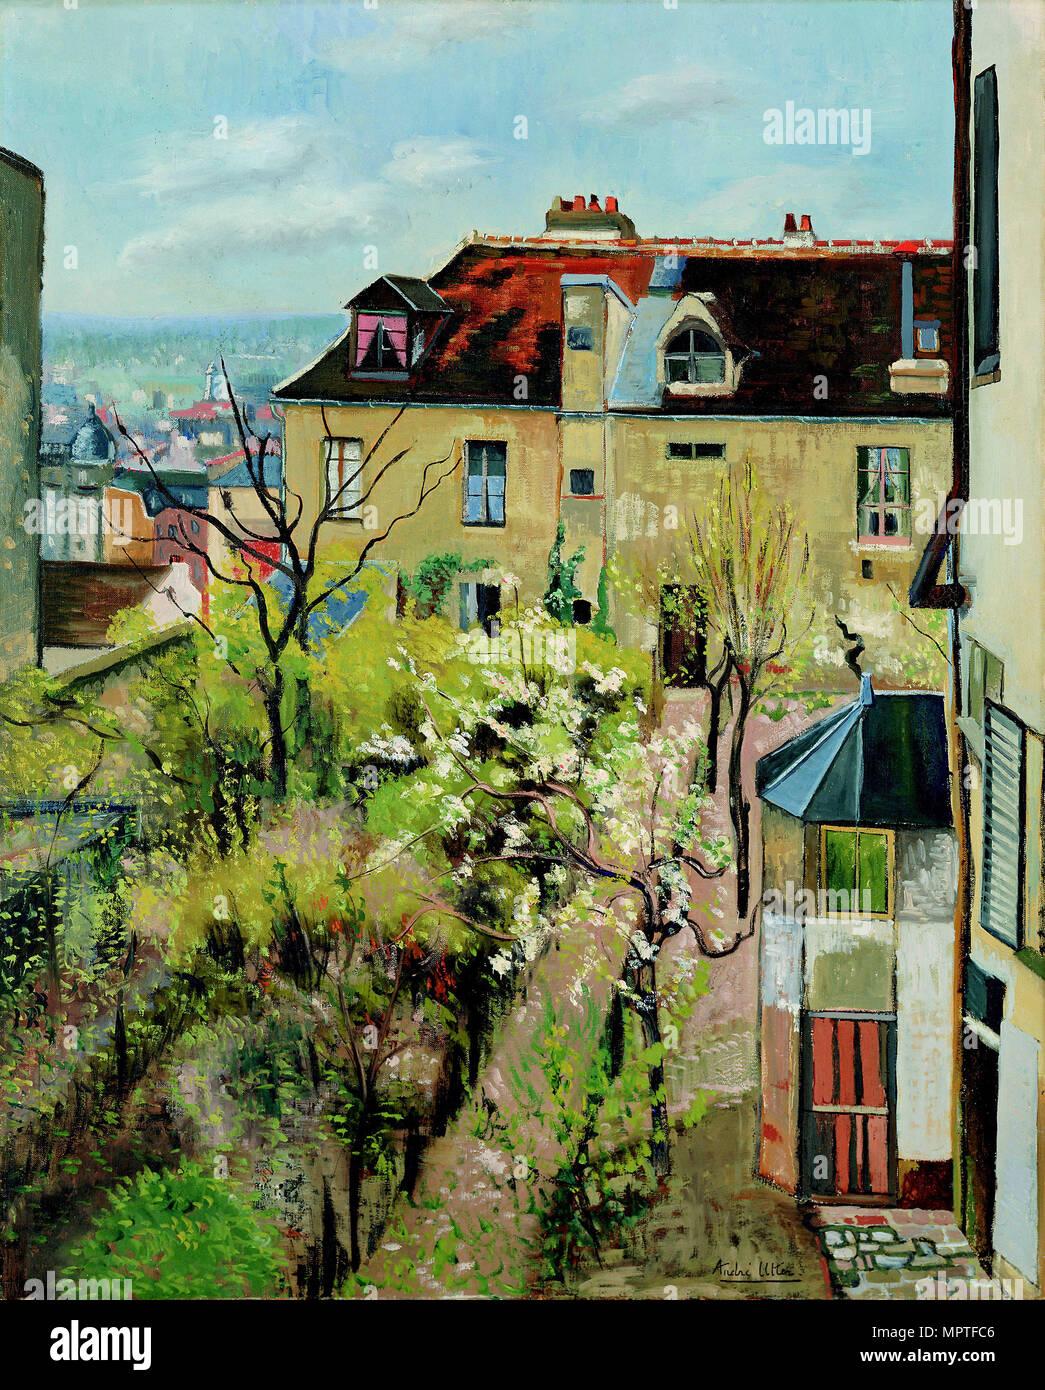 Jardin de la Maison d\'Utrillo, 1913 Stockfoto, Bild: 186165062 - Alamy